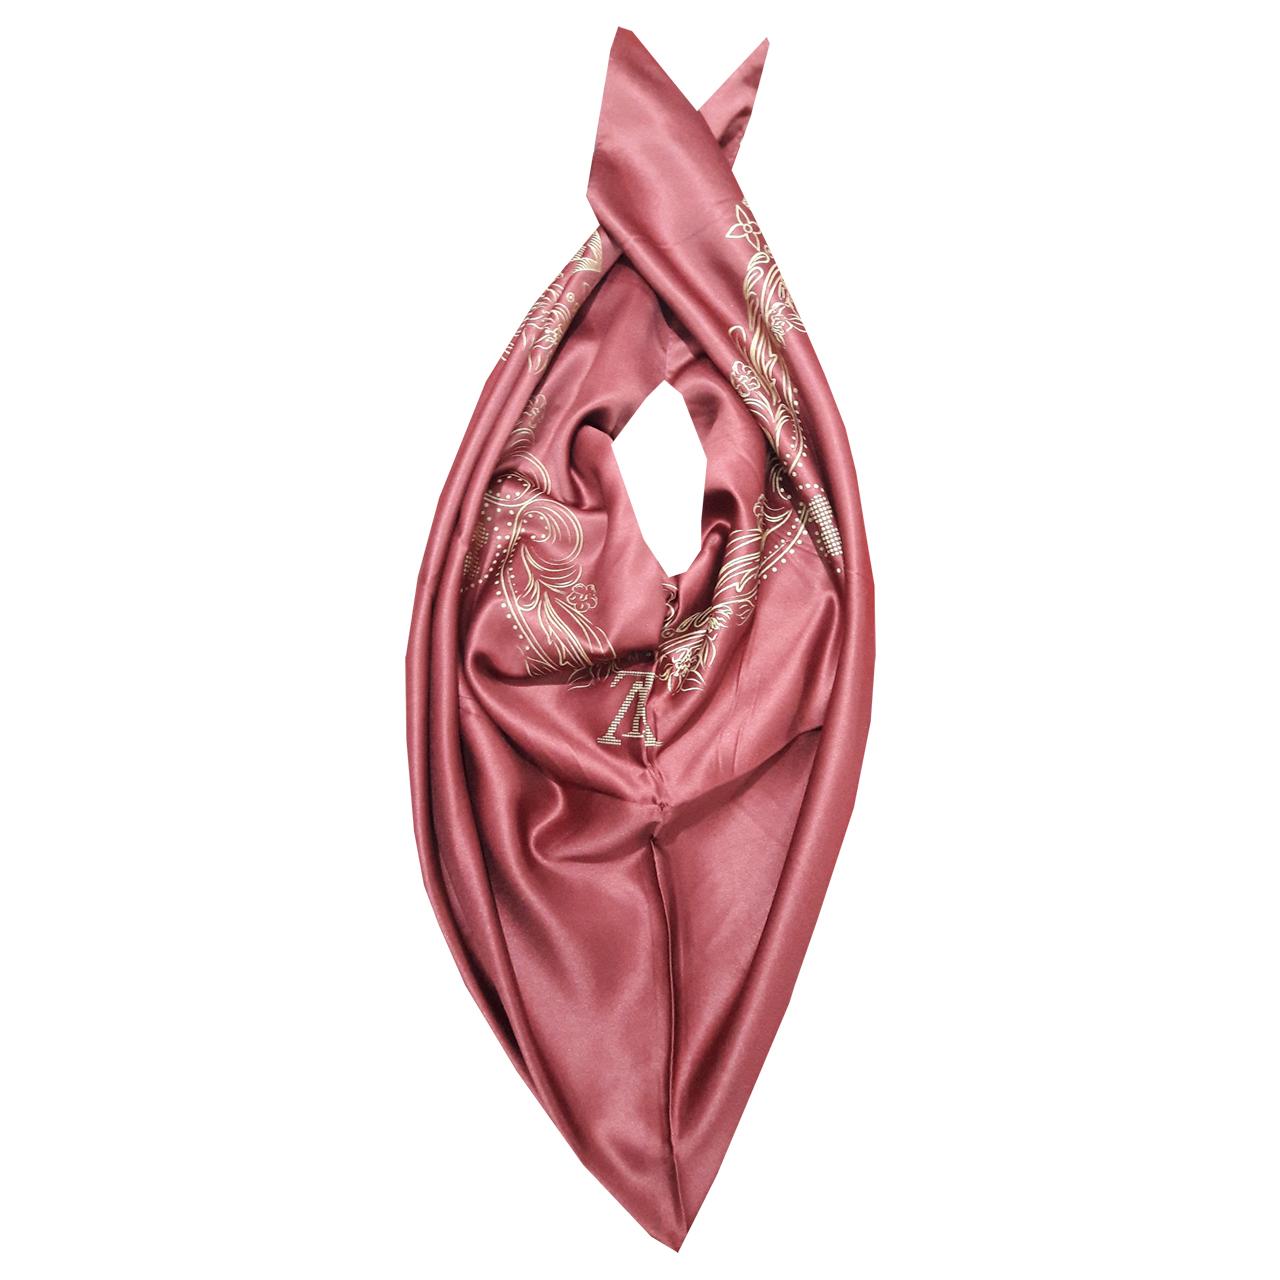 قیمت روسری زنانه مدل Zr gld03